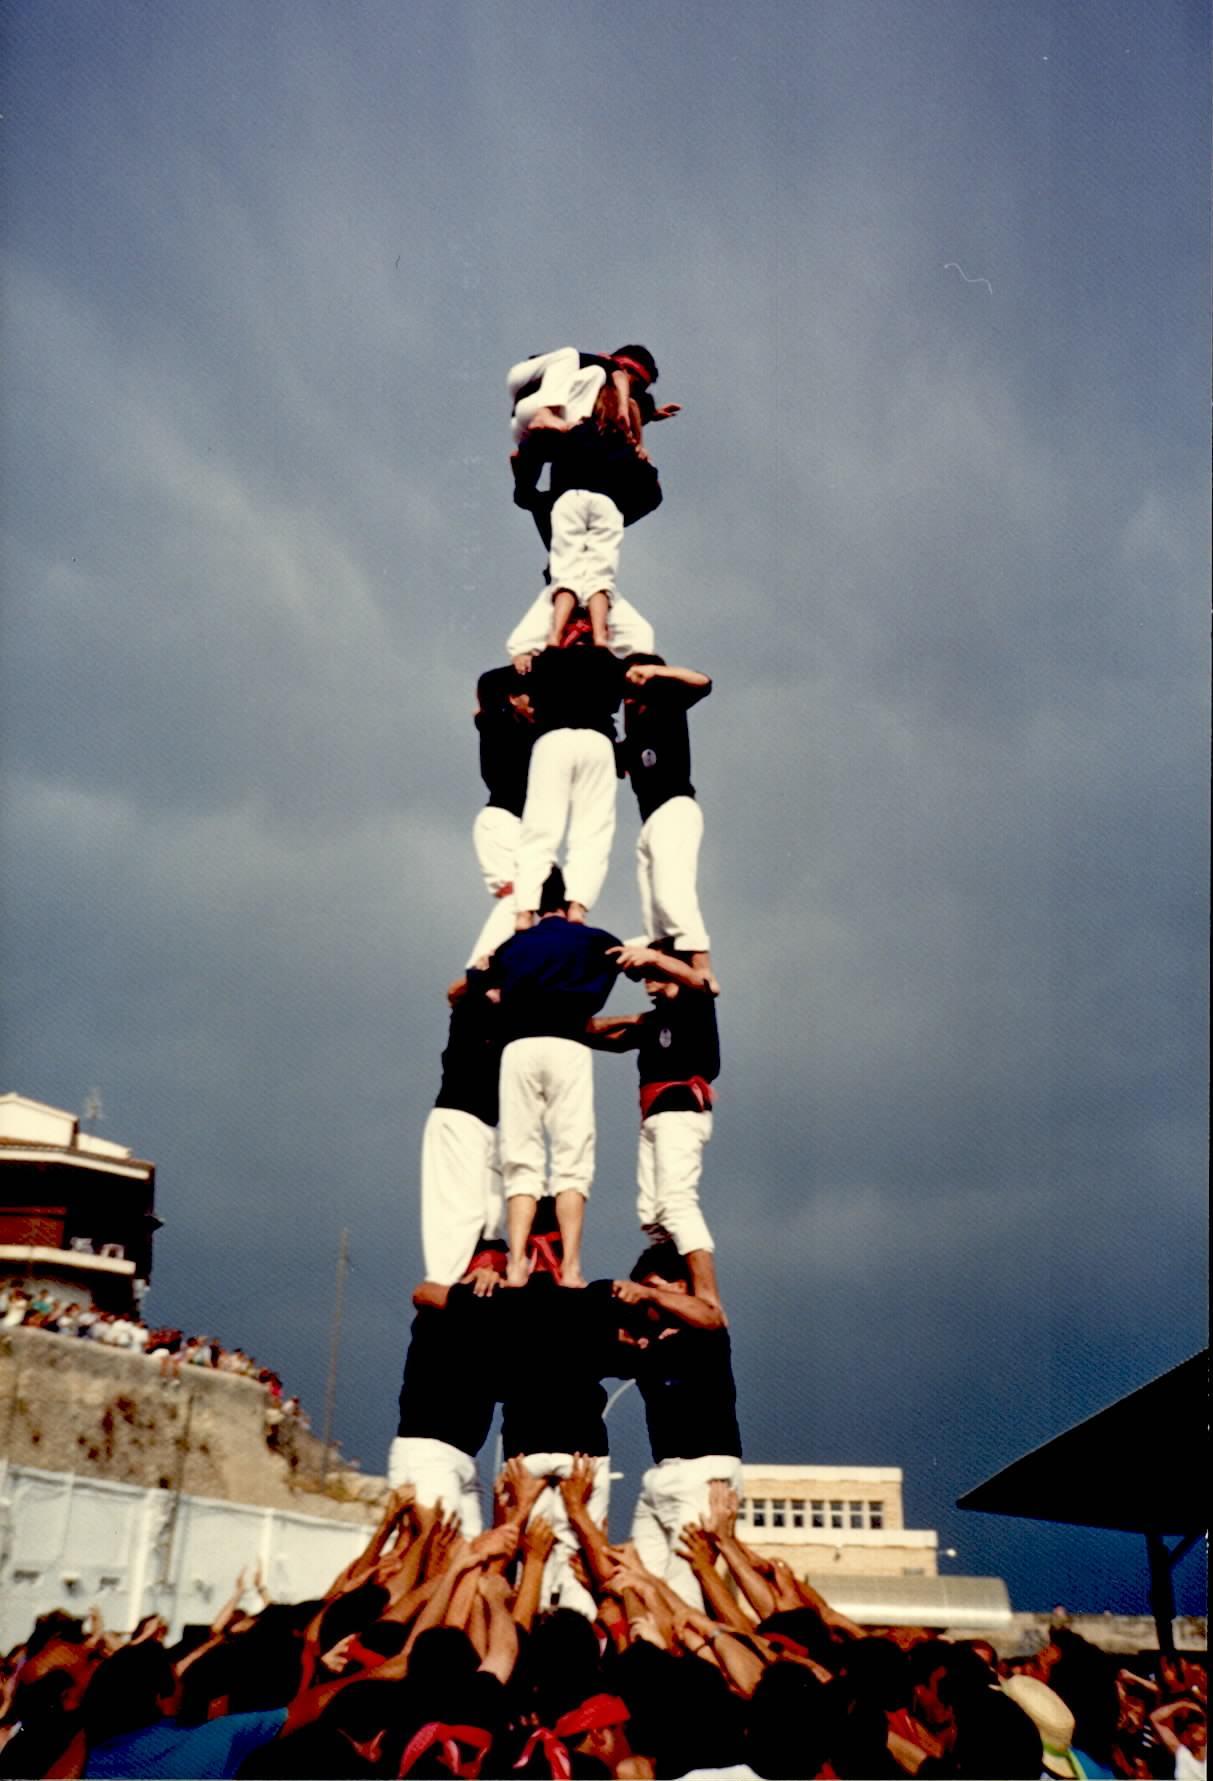 3de7 dels Xiquets del Serrallo a l'Ametlla de Mar, el 22 de juliol de 1989 (FONT: Arxiu Xiquets del Serrallo).